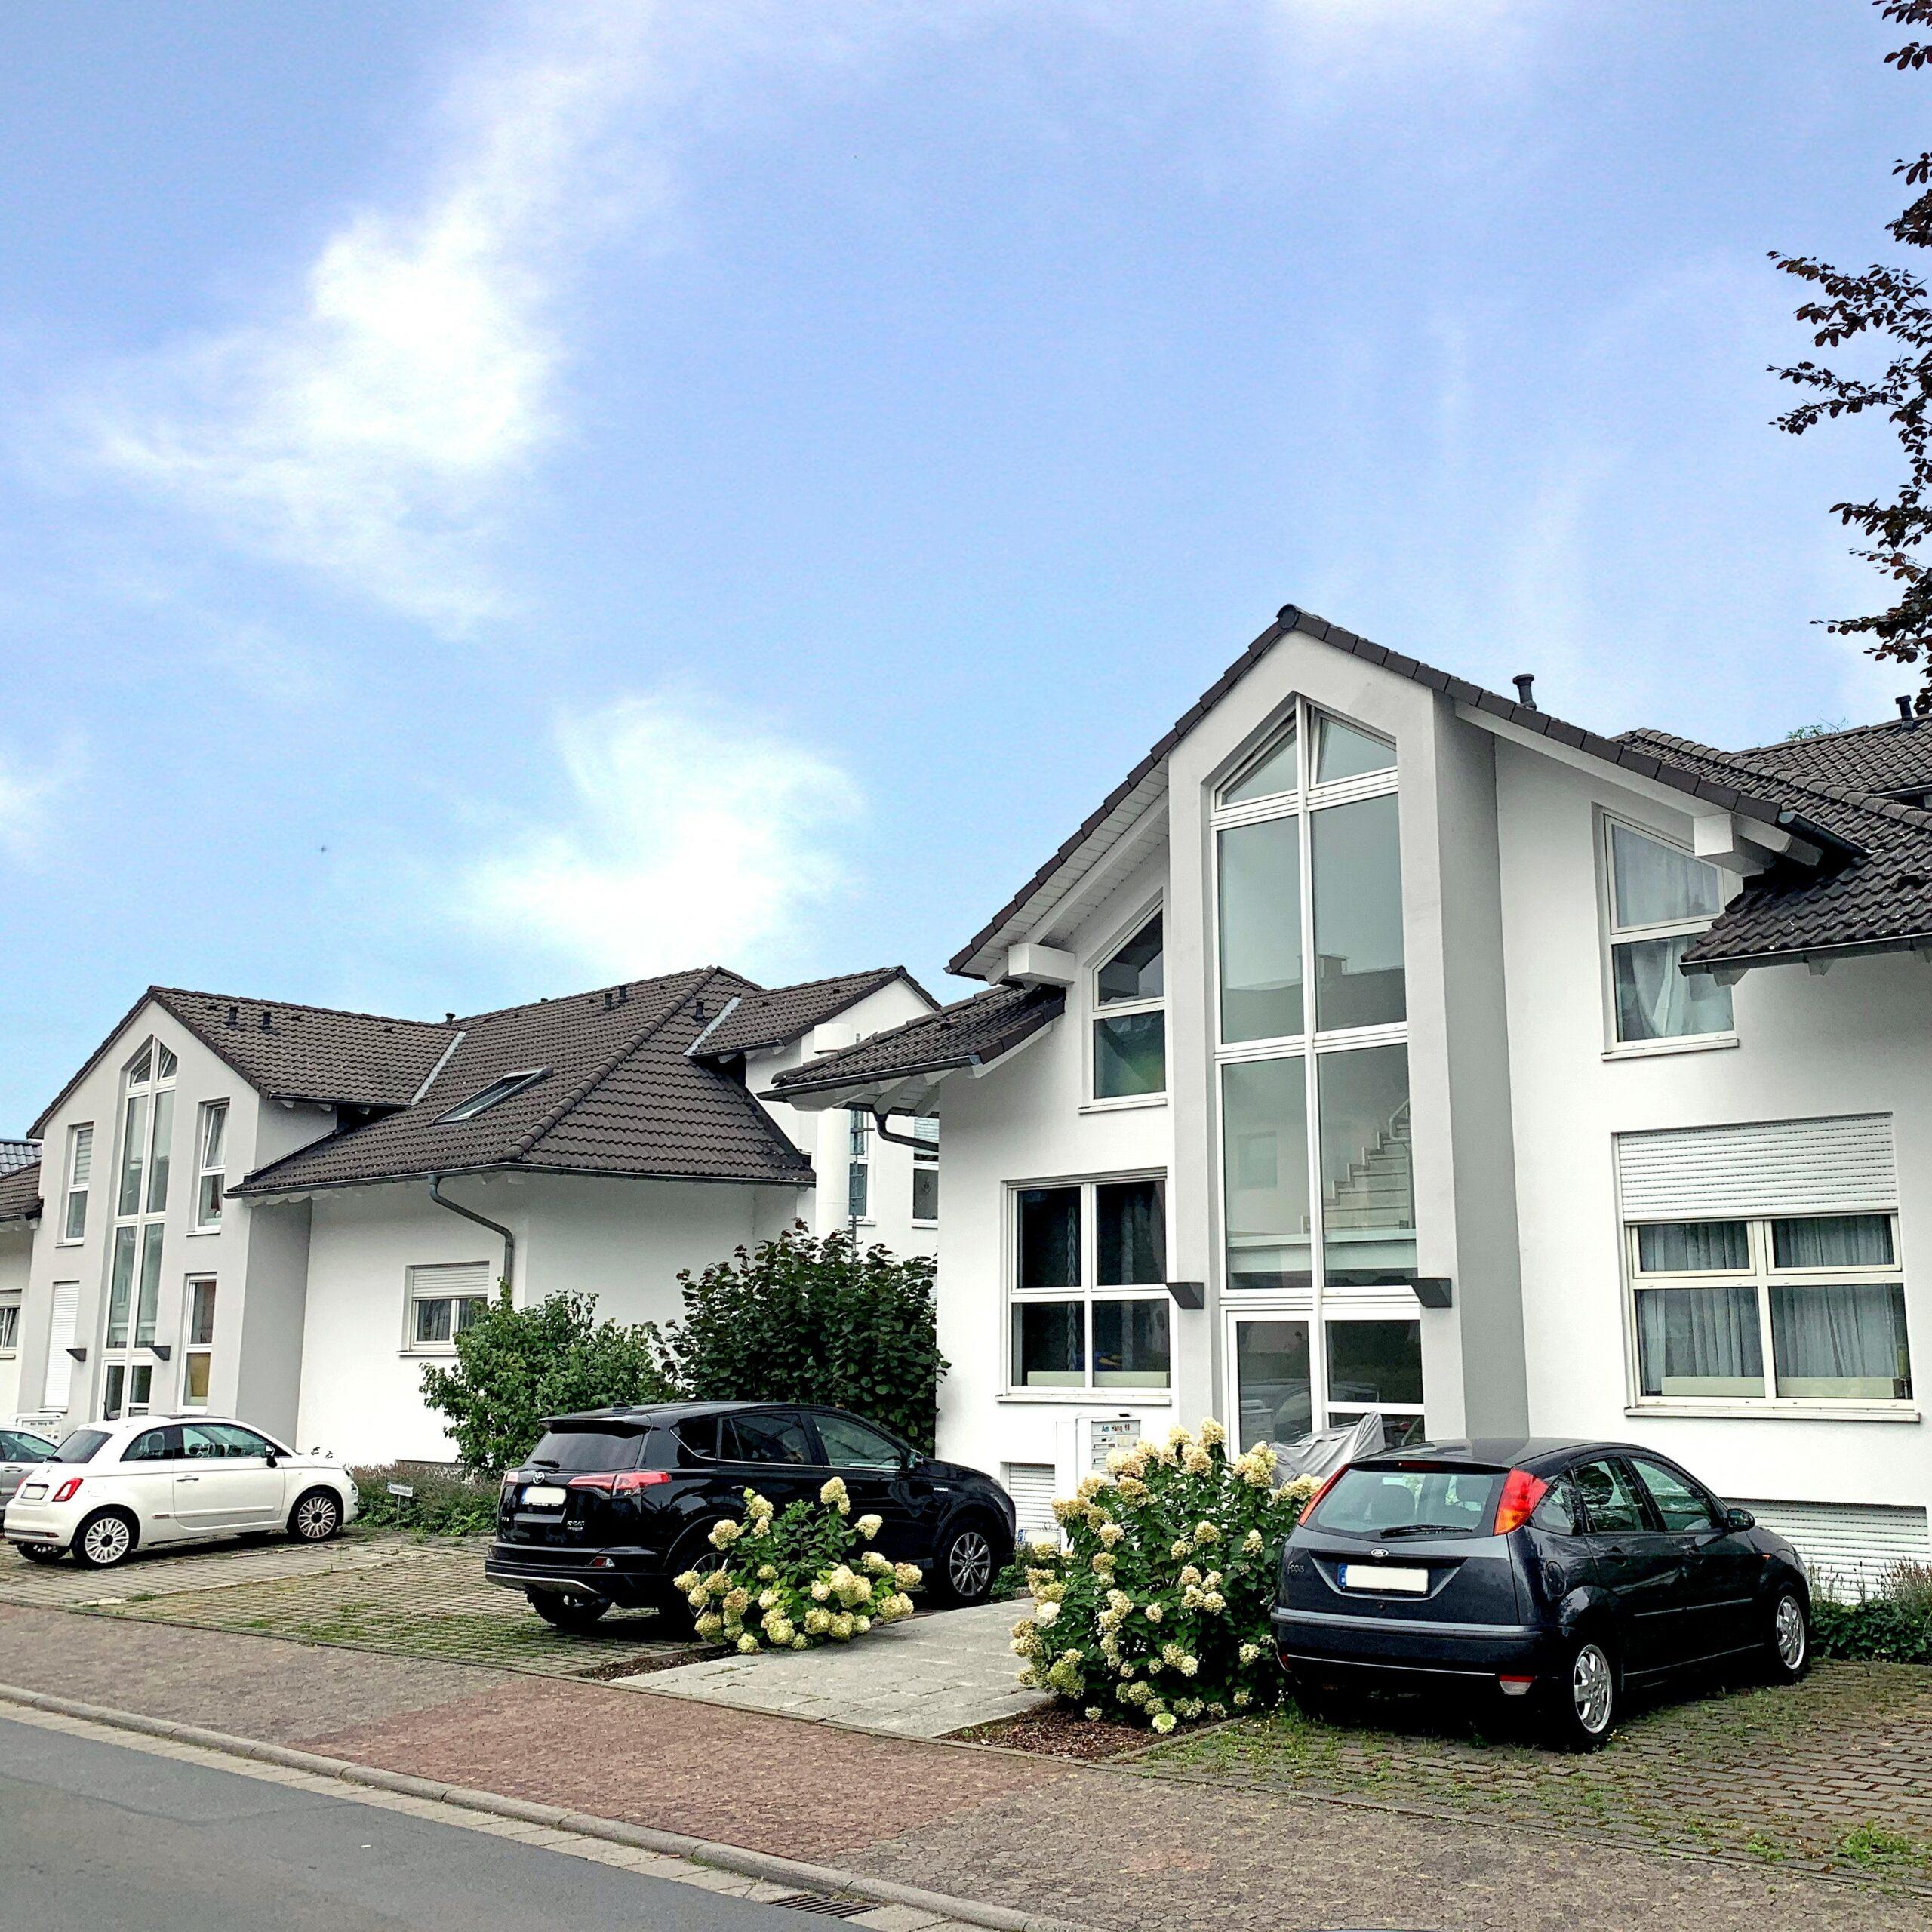 Mehrfamilienhaus Bad Vilbel